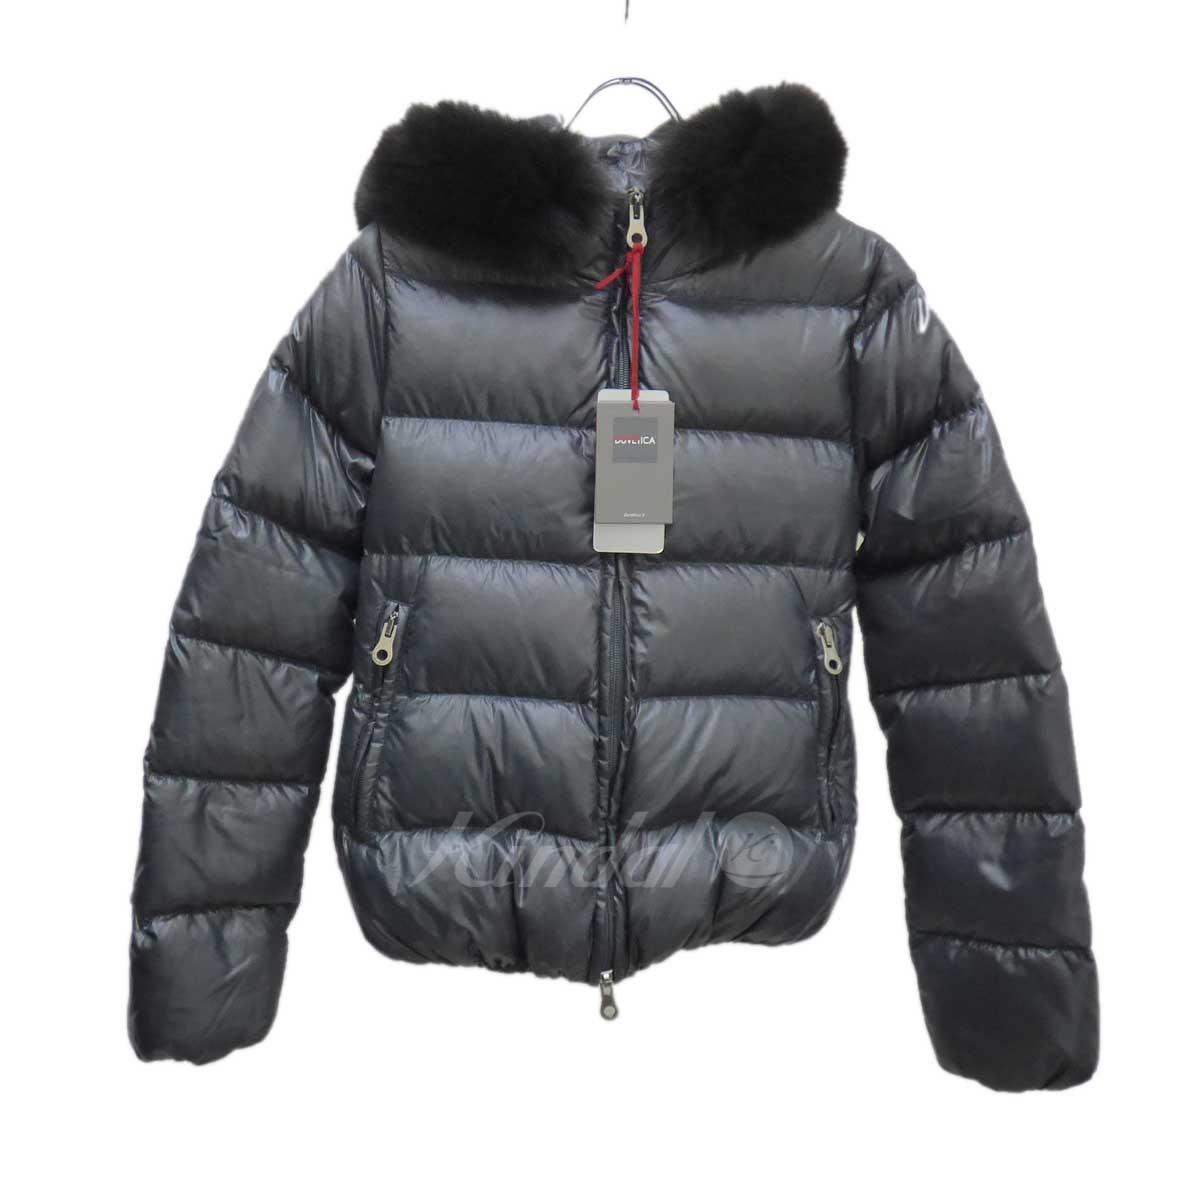 【中古】DUVETICA ダウンジャケット ADHARA グレー サイズ:40 【送料無料】 【040119】(デュベティカ)